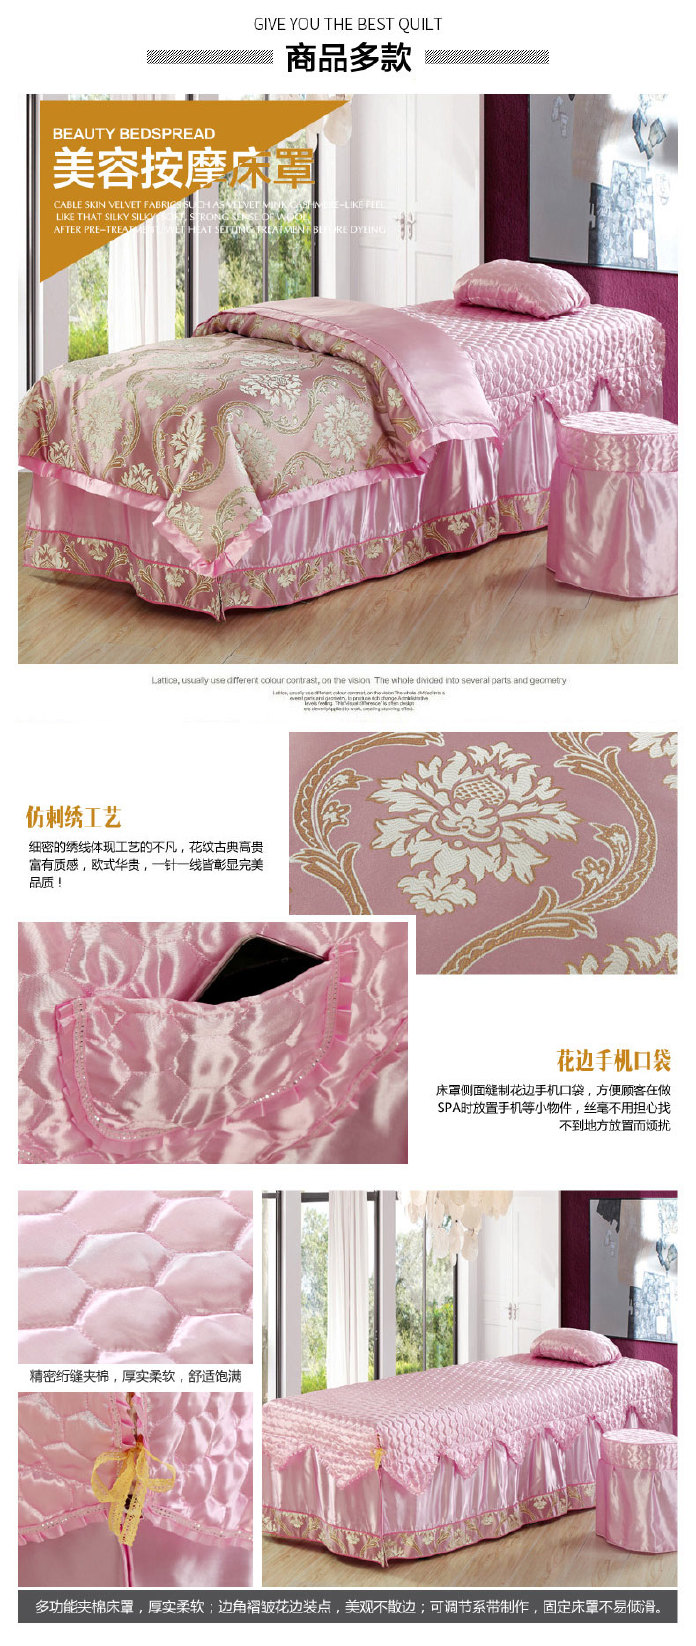 新款包邮高档亲柔棉美容床罩美容美体按摩理疗SPA洗头床罩可定做示例图11